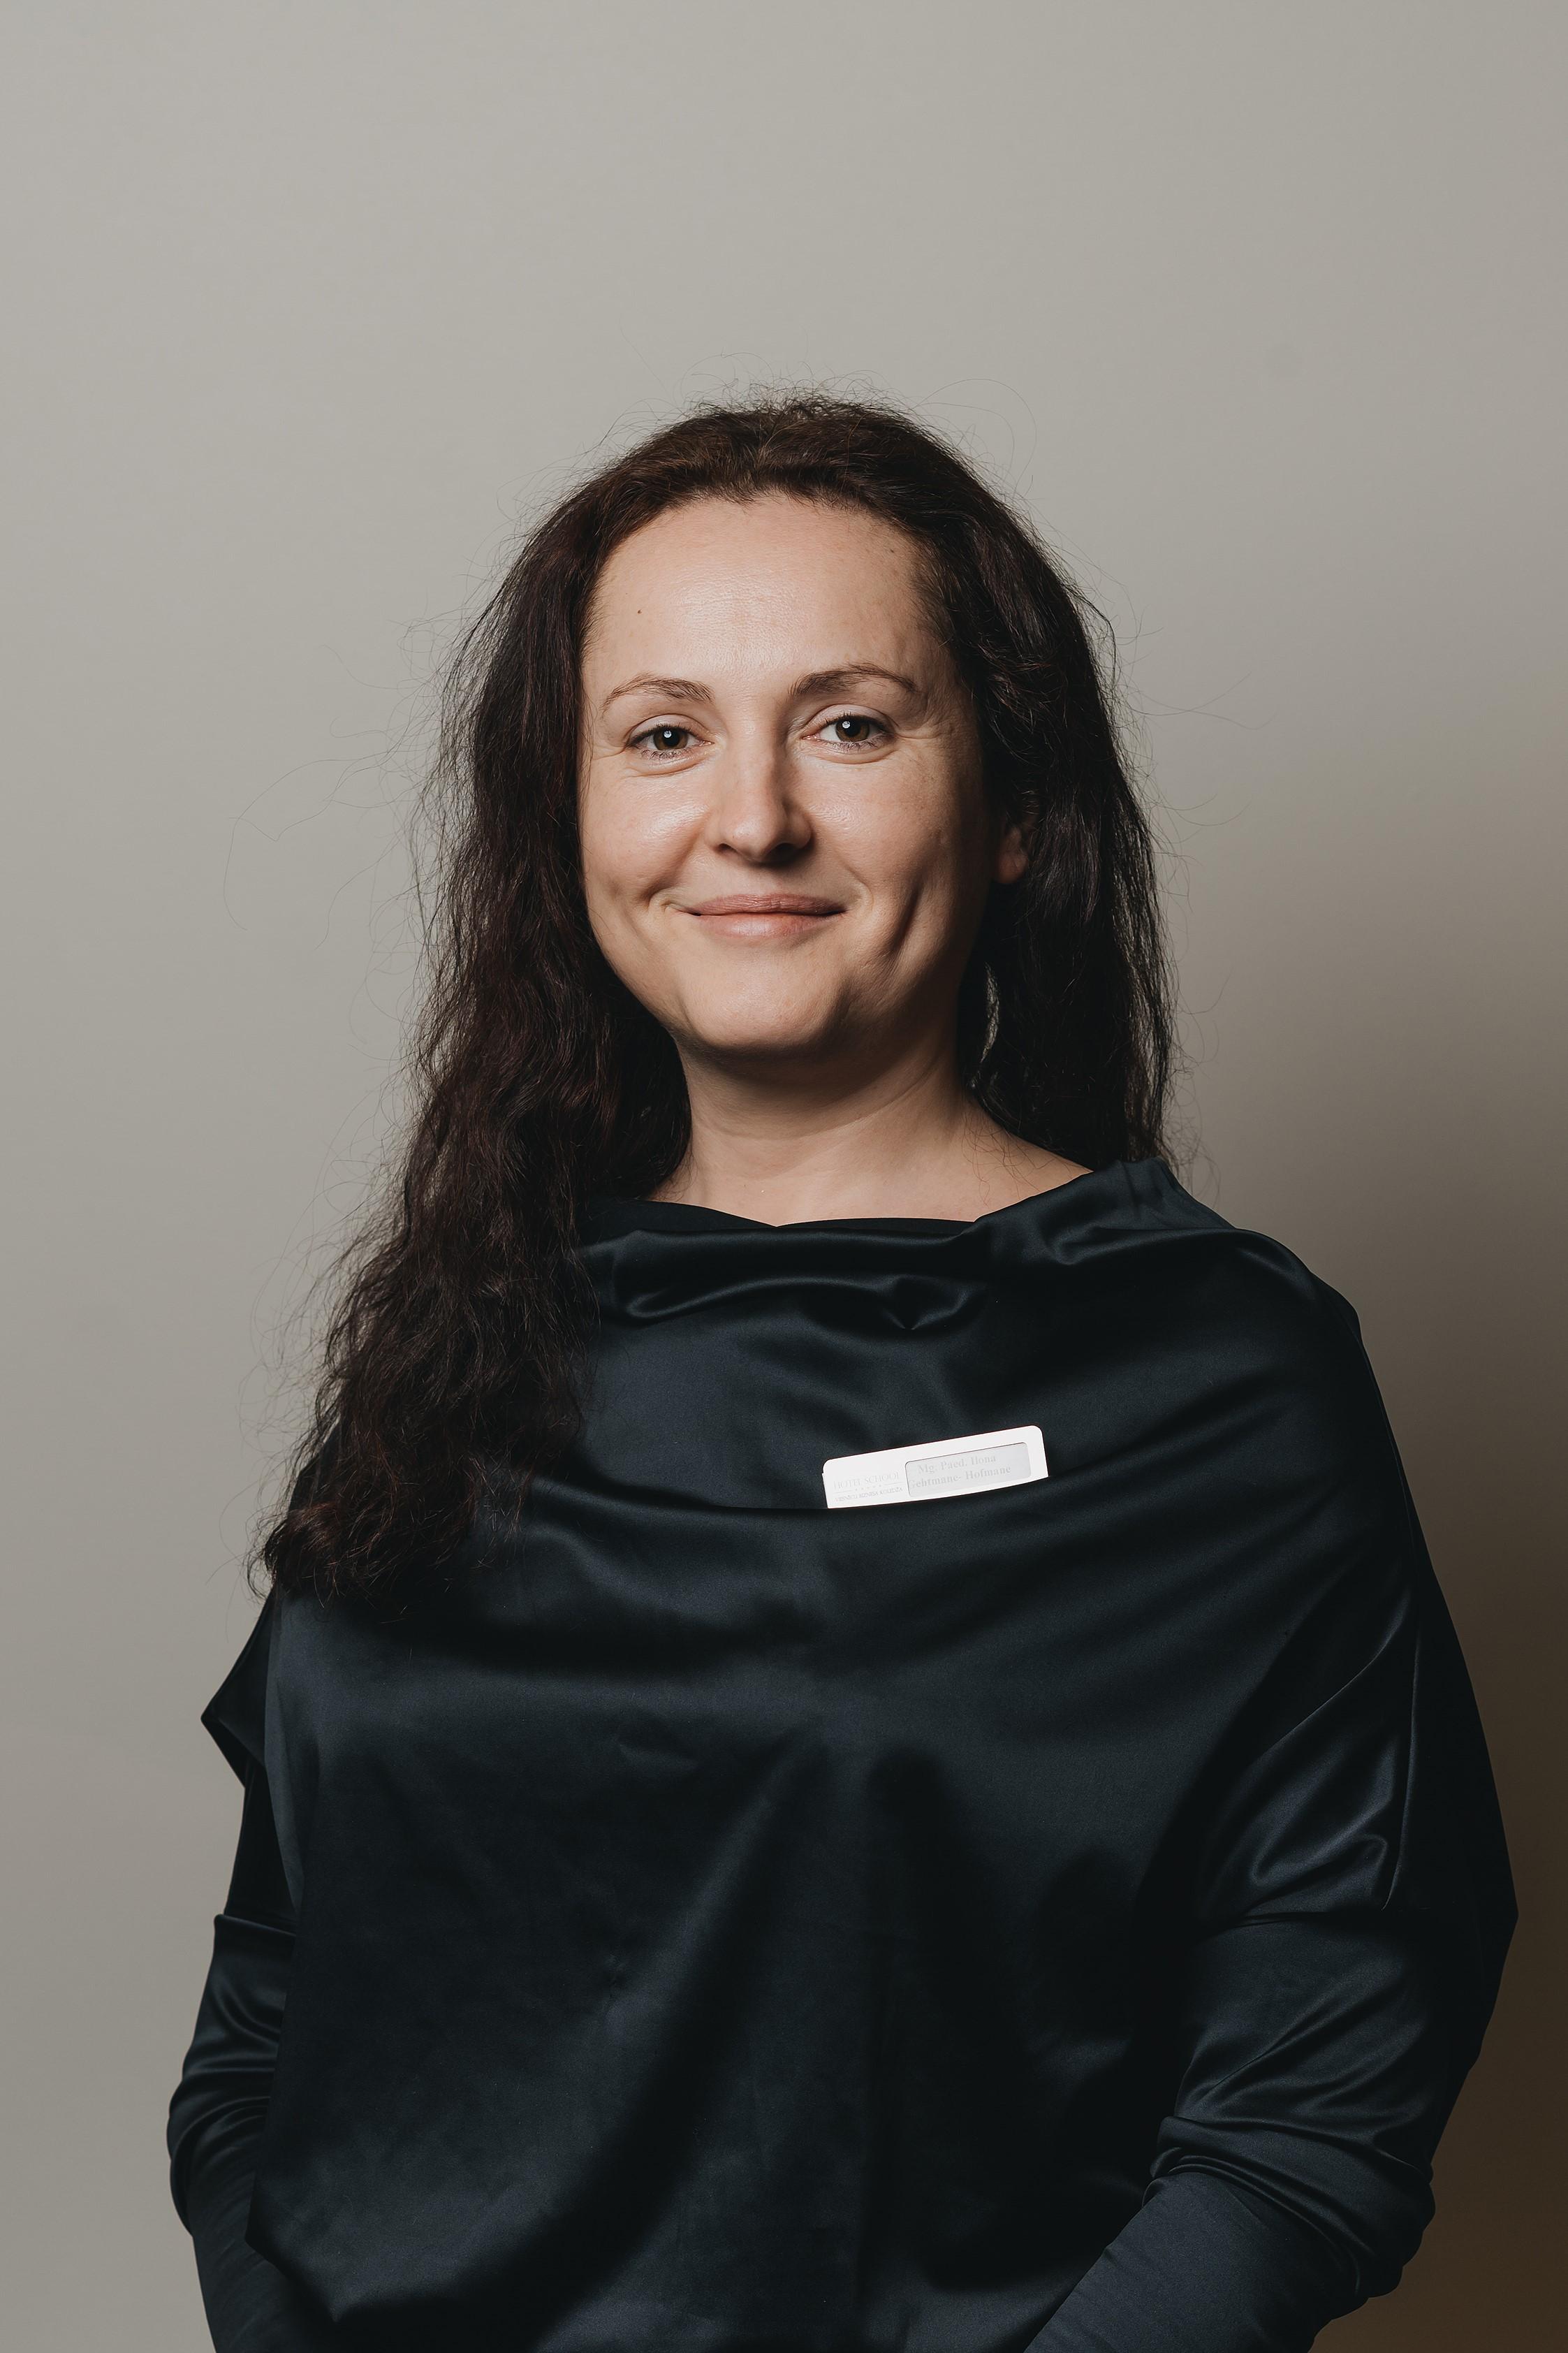 Илона Гехтмане-Хофмане, Руководитель программы гостиничного менеджмента